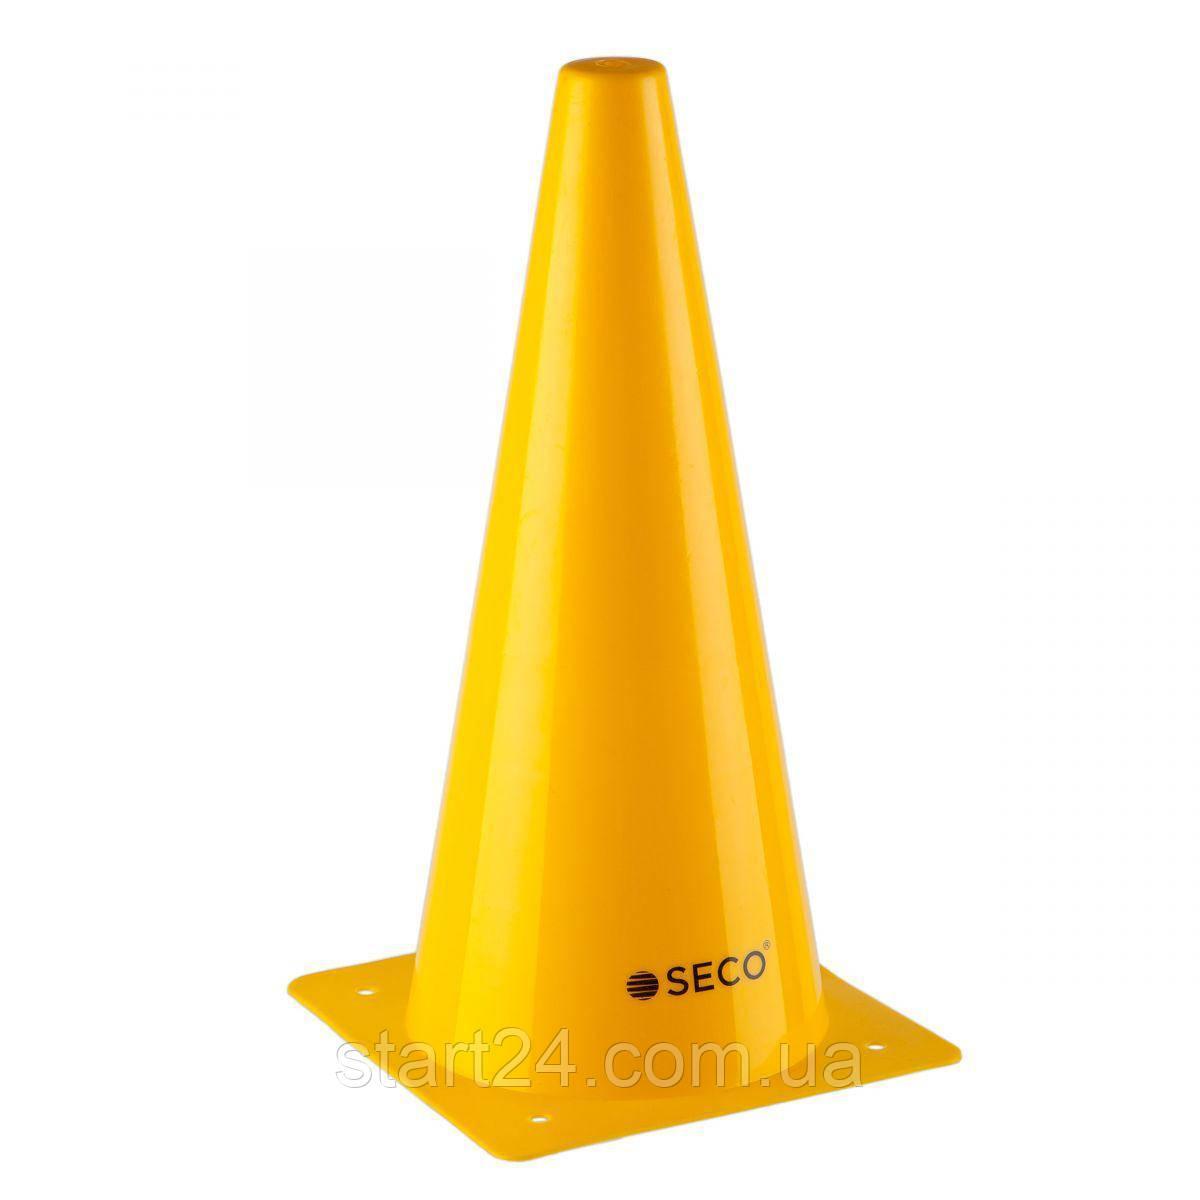 Тренировочный конус SECO 32 см желтого цвета